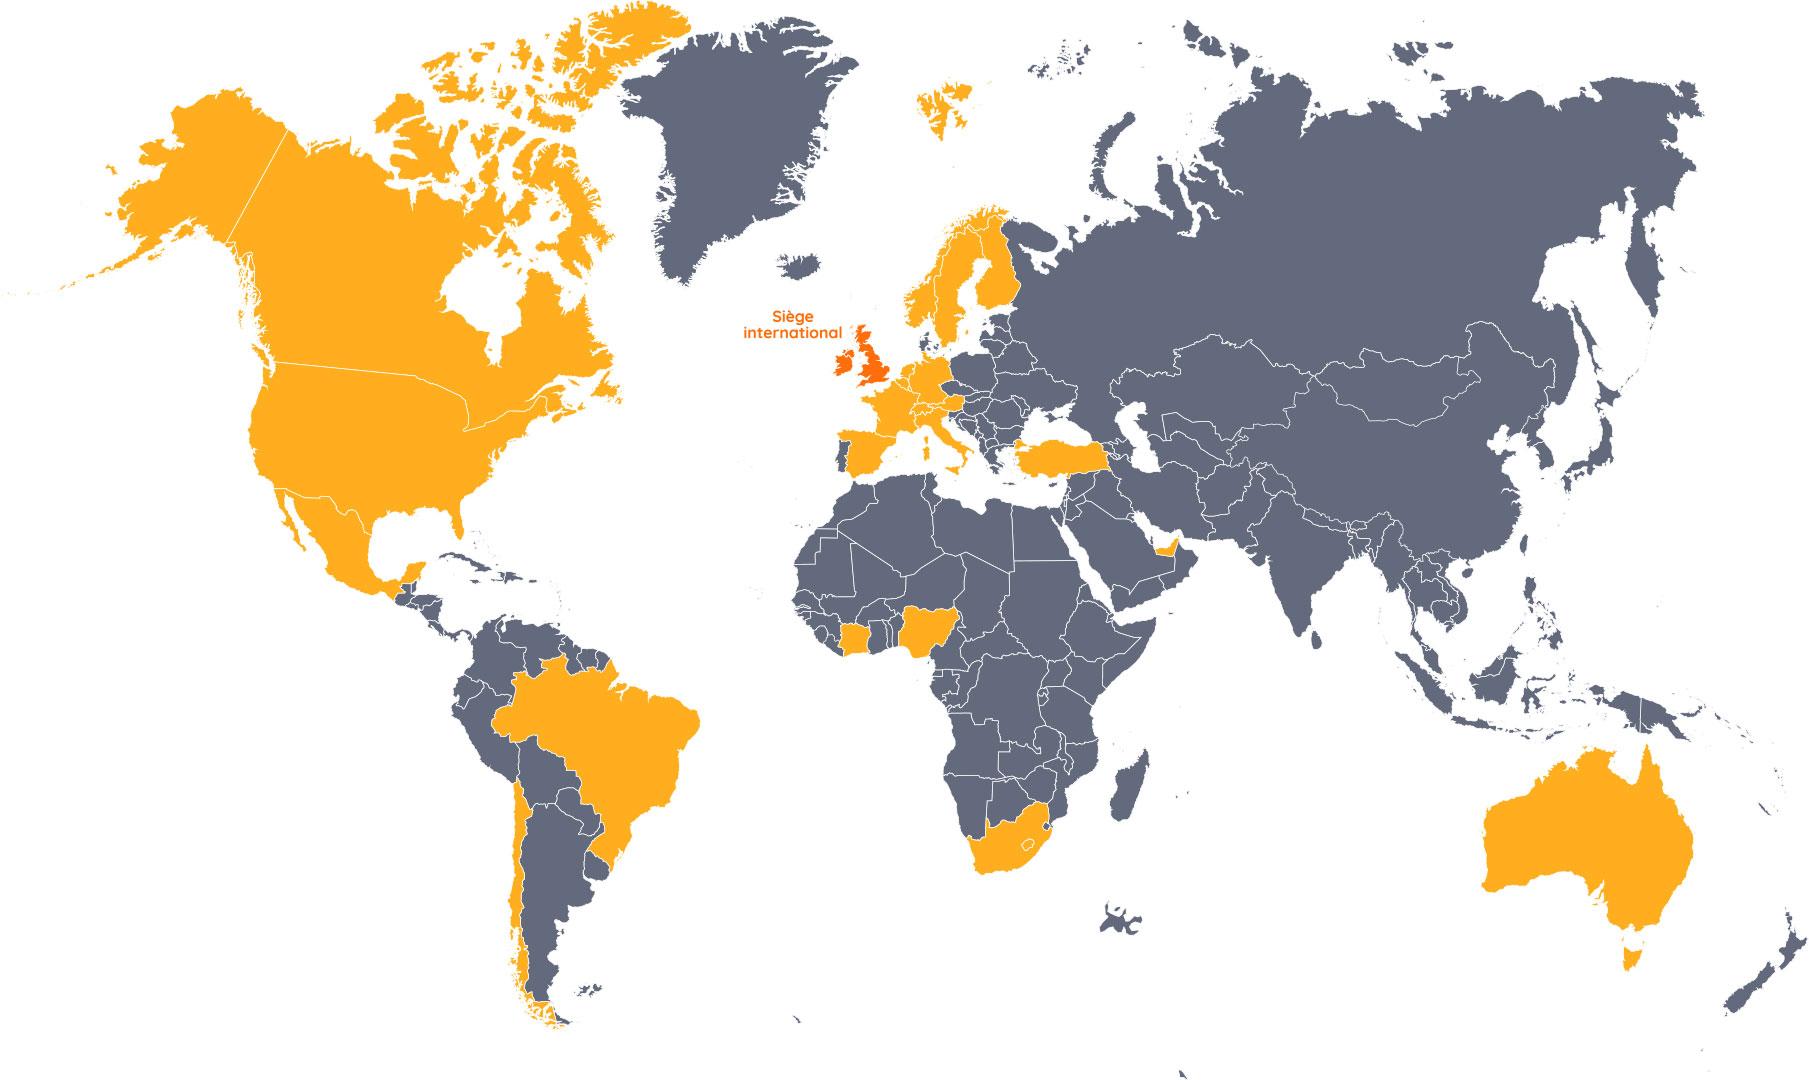 Carte - Présence de ChargeBox dans le monde